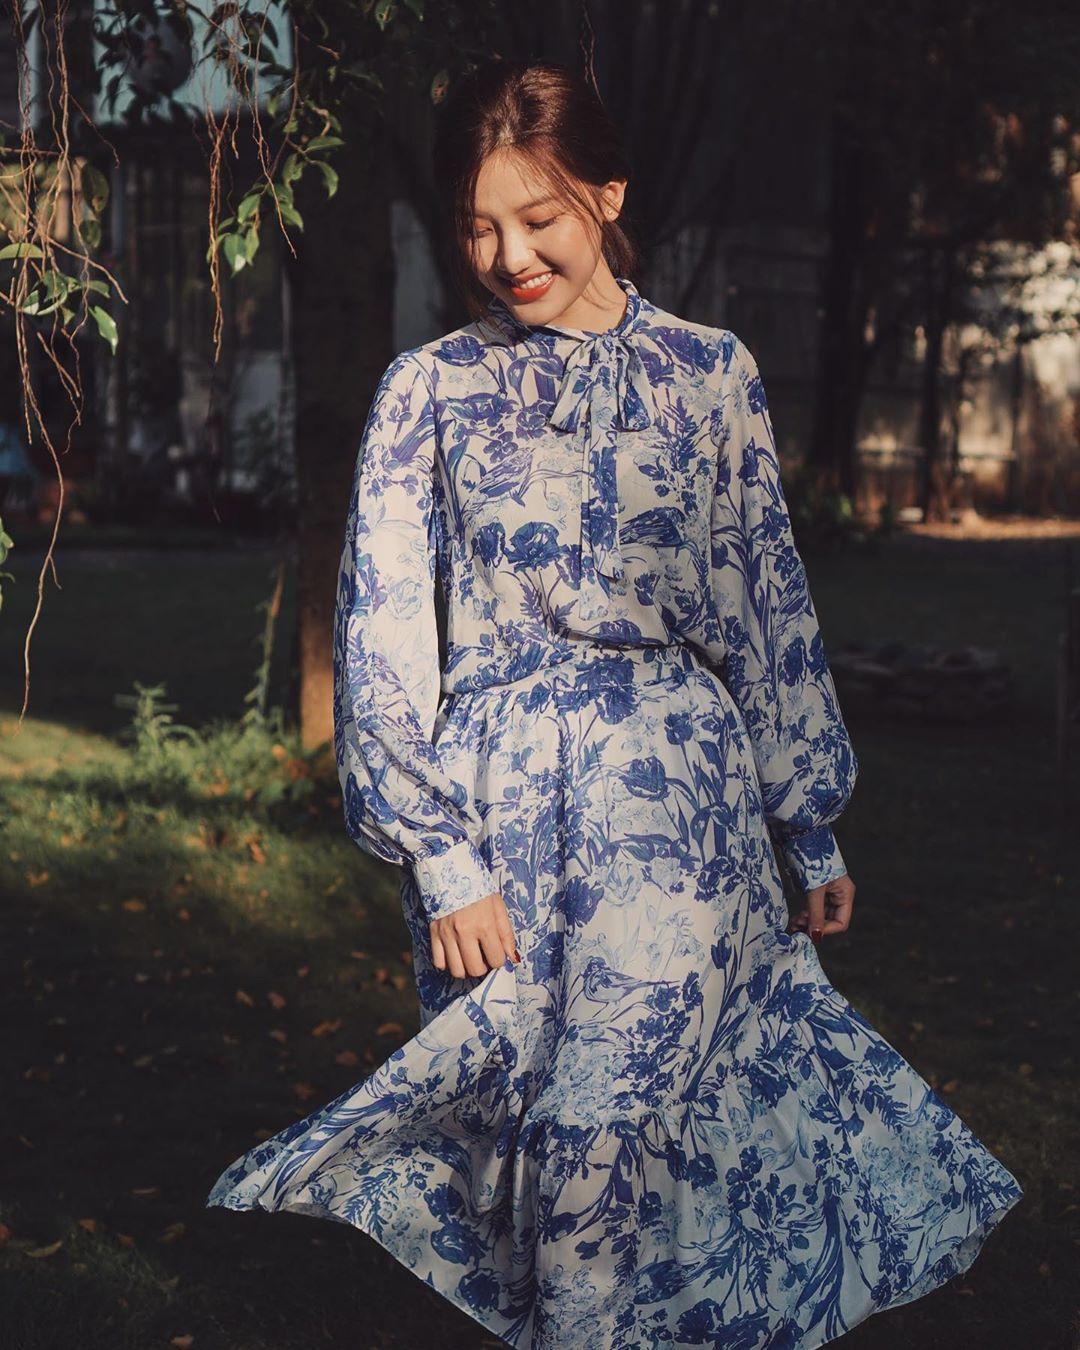 """Không còn là nàng tiểu tam hot nhất dàn hậu cung VTV, style của Lương Thanh """"lành"""" hơn hẳn Trà ngày trước - Ảnh 6."""